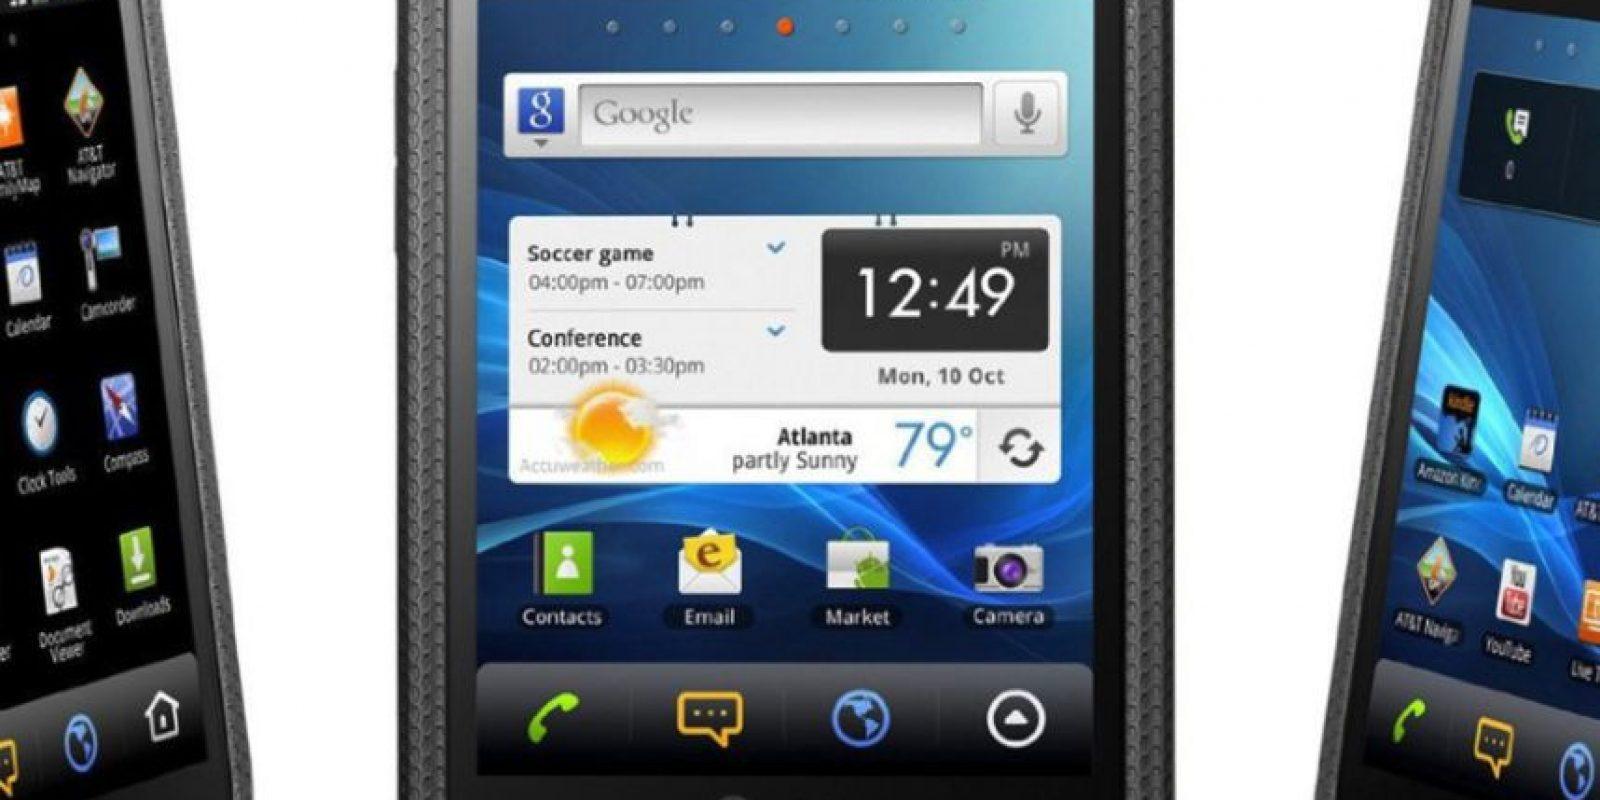 Pocket Pantech fue una muy mala idea de esta marca y AT&T. Su gran tamaño contrastaba con su nombre. Foto:Pantech